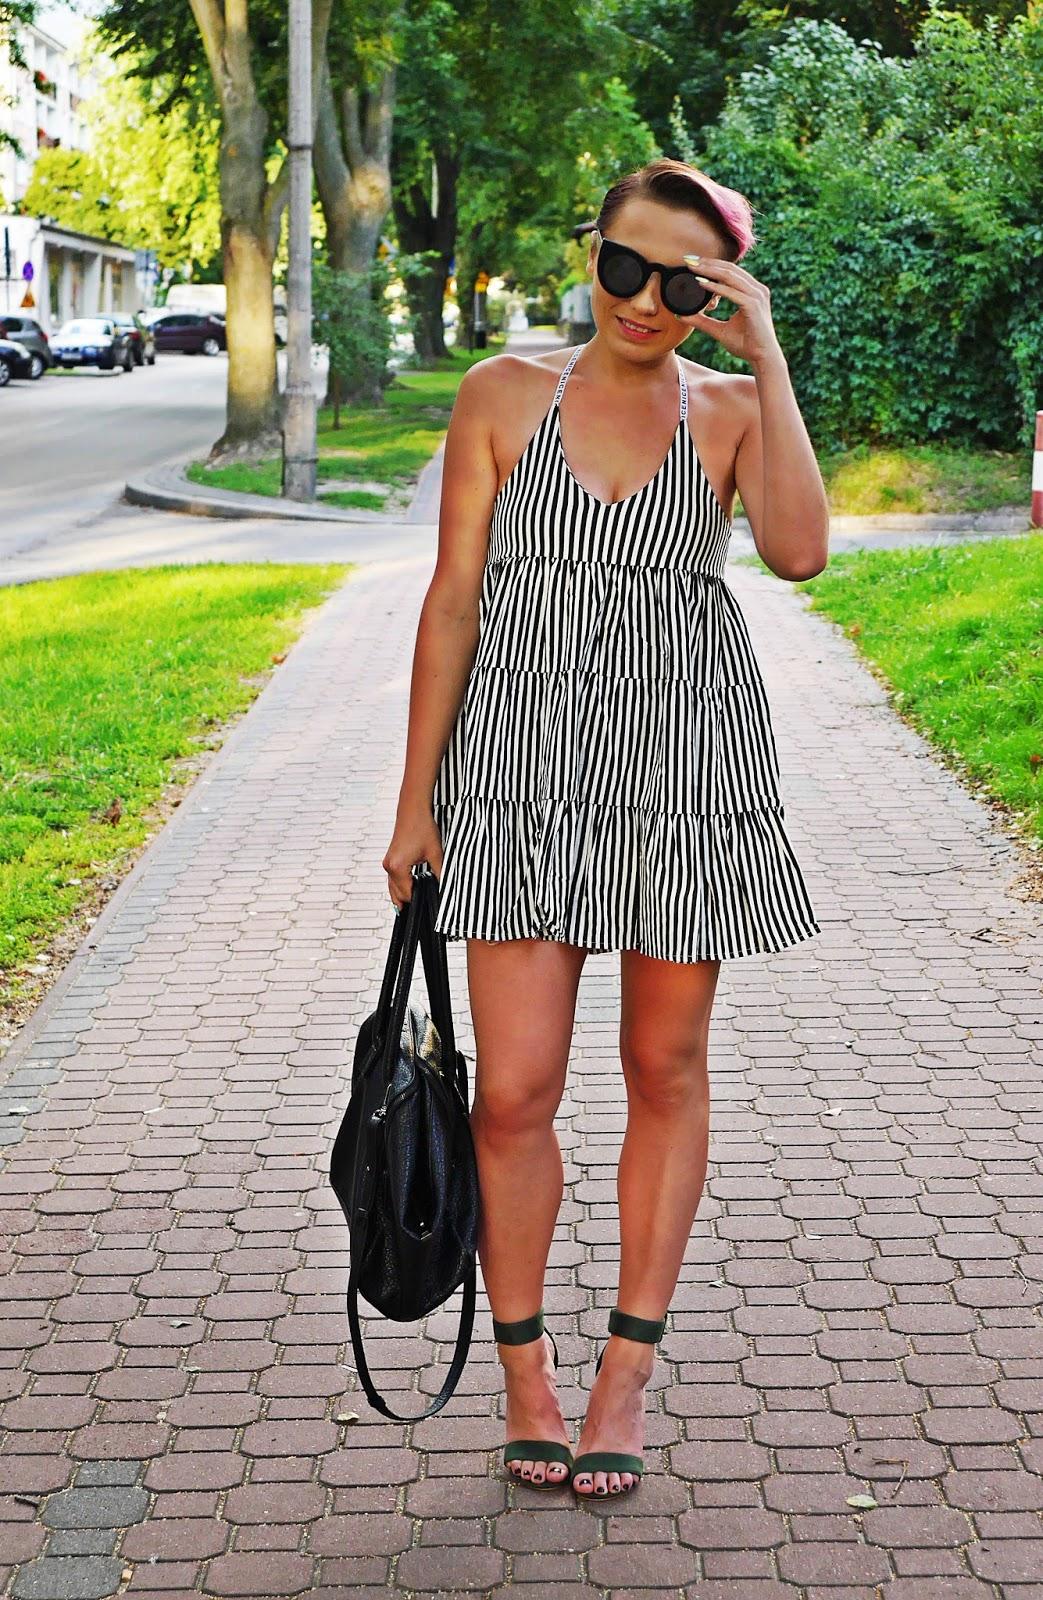 stripes_dress_green_heels_ootd_look_karyn_blog_010817c